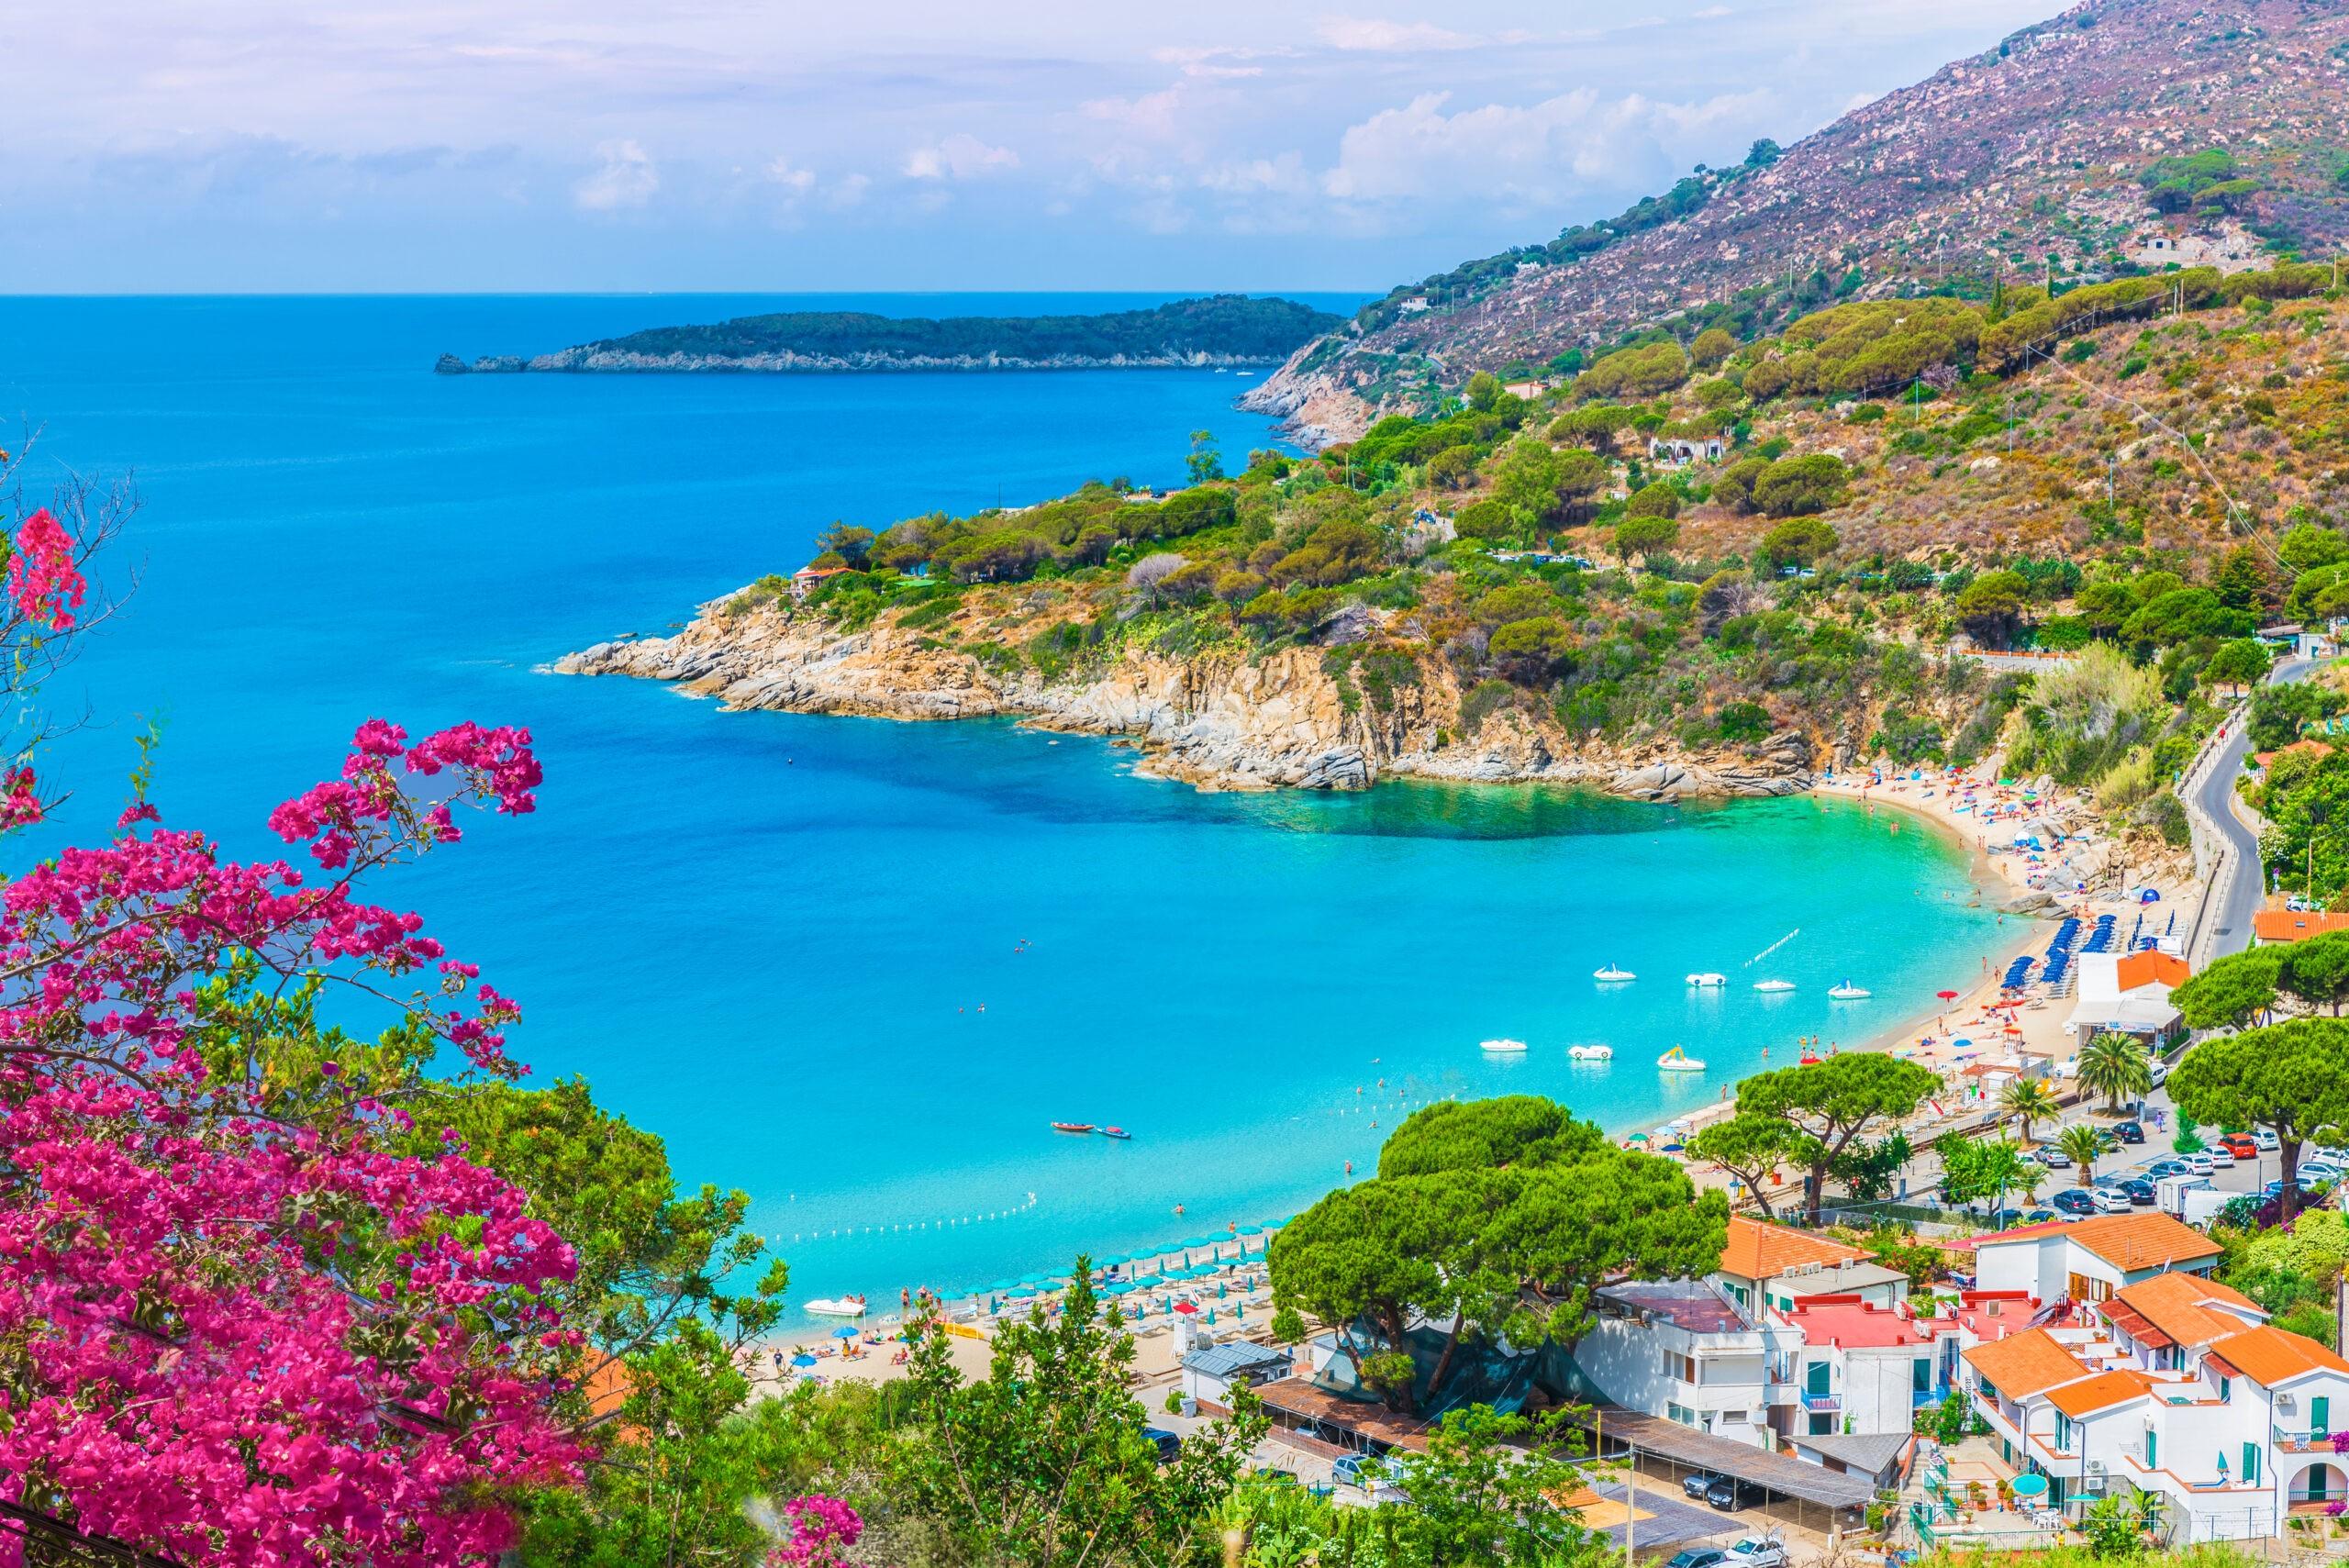 Widok na plażę Cavoli, Elba, piękne wyspy Wloch